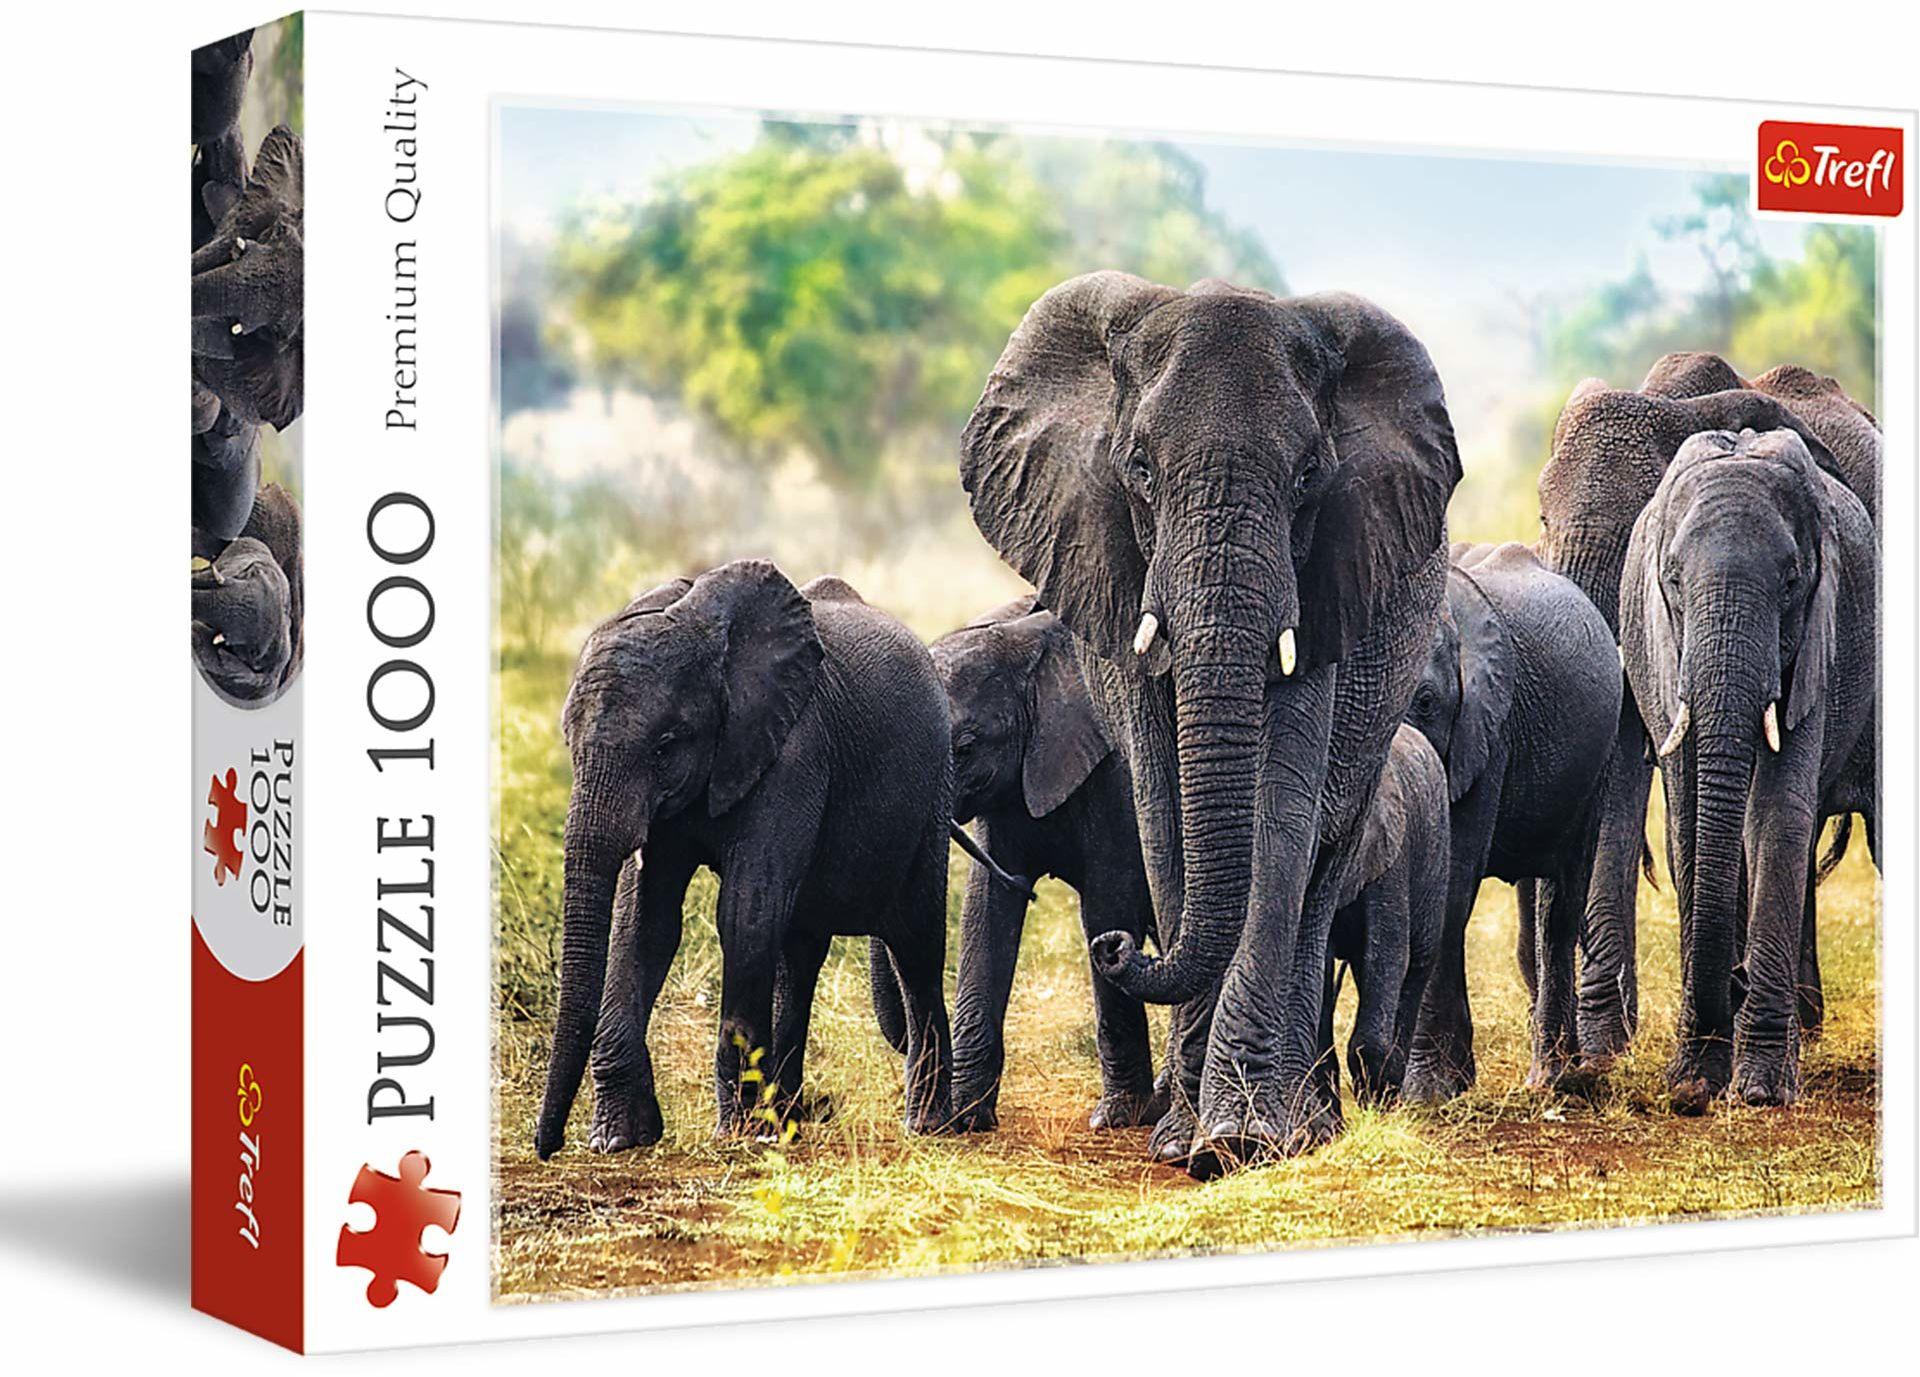 Trefl - Puzzle Afrykańskie Słonie - 1000 Elementów, Obraz ze Słoniami, Sawanna, Afryka, Rodzina Słoni, Układanka DIY, Kreatywna Rozrywka, Prezent, Puzzle Klasyczne dla Dorosłych i Dzieci od 12 Lat